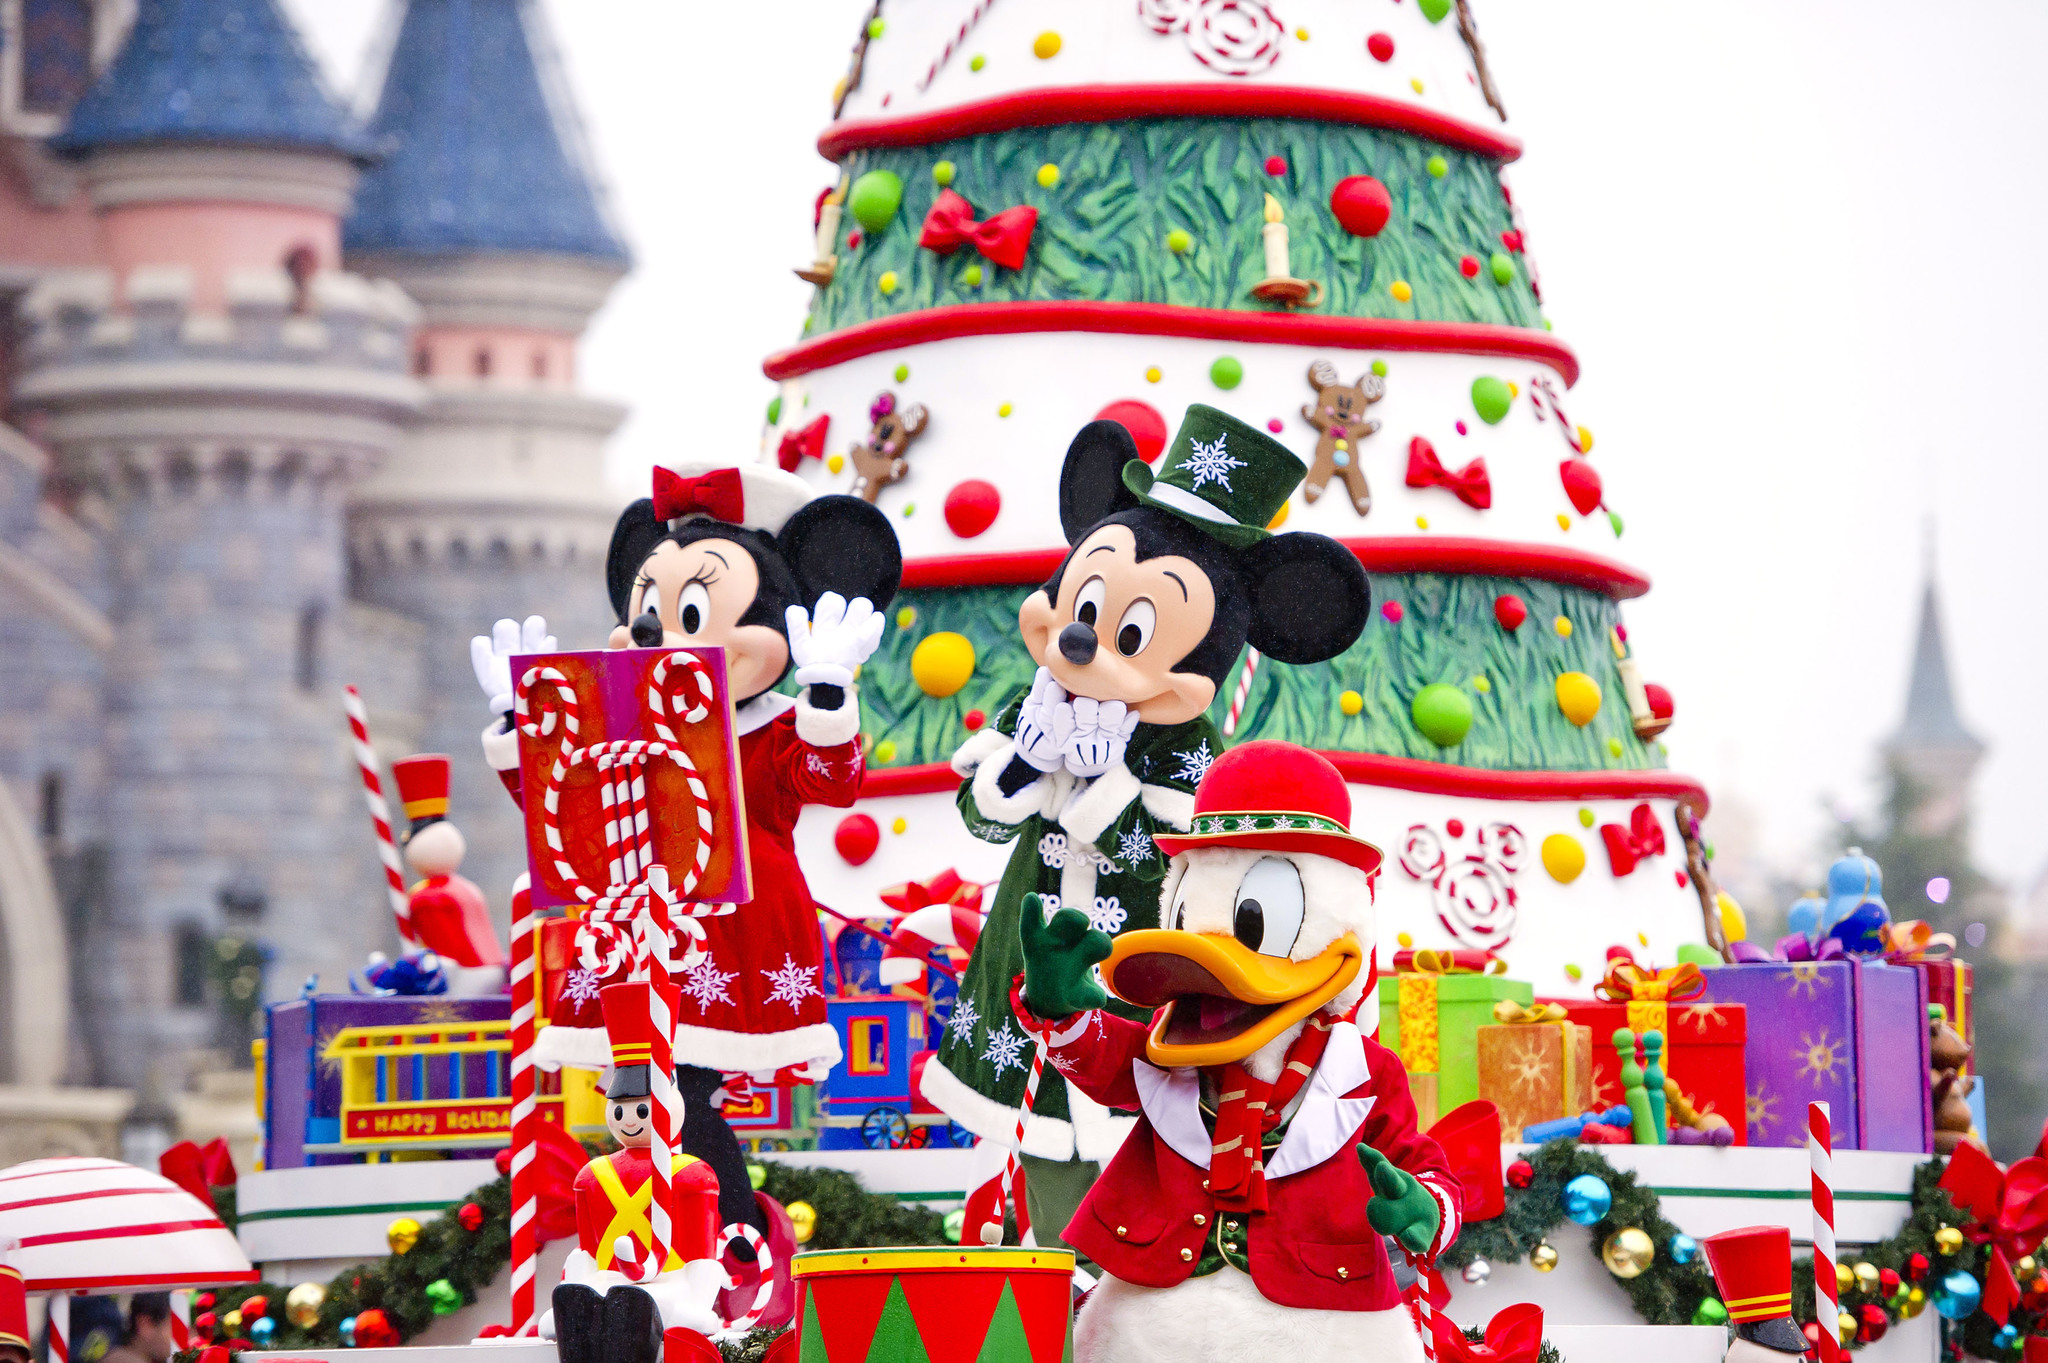 La cabalgata es una de las citas más entrañables en el parque, sobre todo en Navidad. No hay adversidad climatológica que empañe la magia de ver las carrozas engalanadas para la ocasión con Mickey, Minnies, Pluto, Donald, Daisy... hasta 20 personajes y más de 40 artistas se visten de fiesta dos veces al día en estas fechas para recorrer este paraíso de la imaginación...